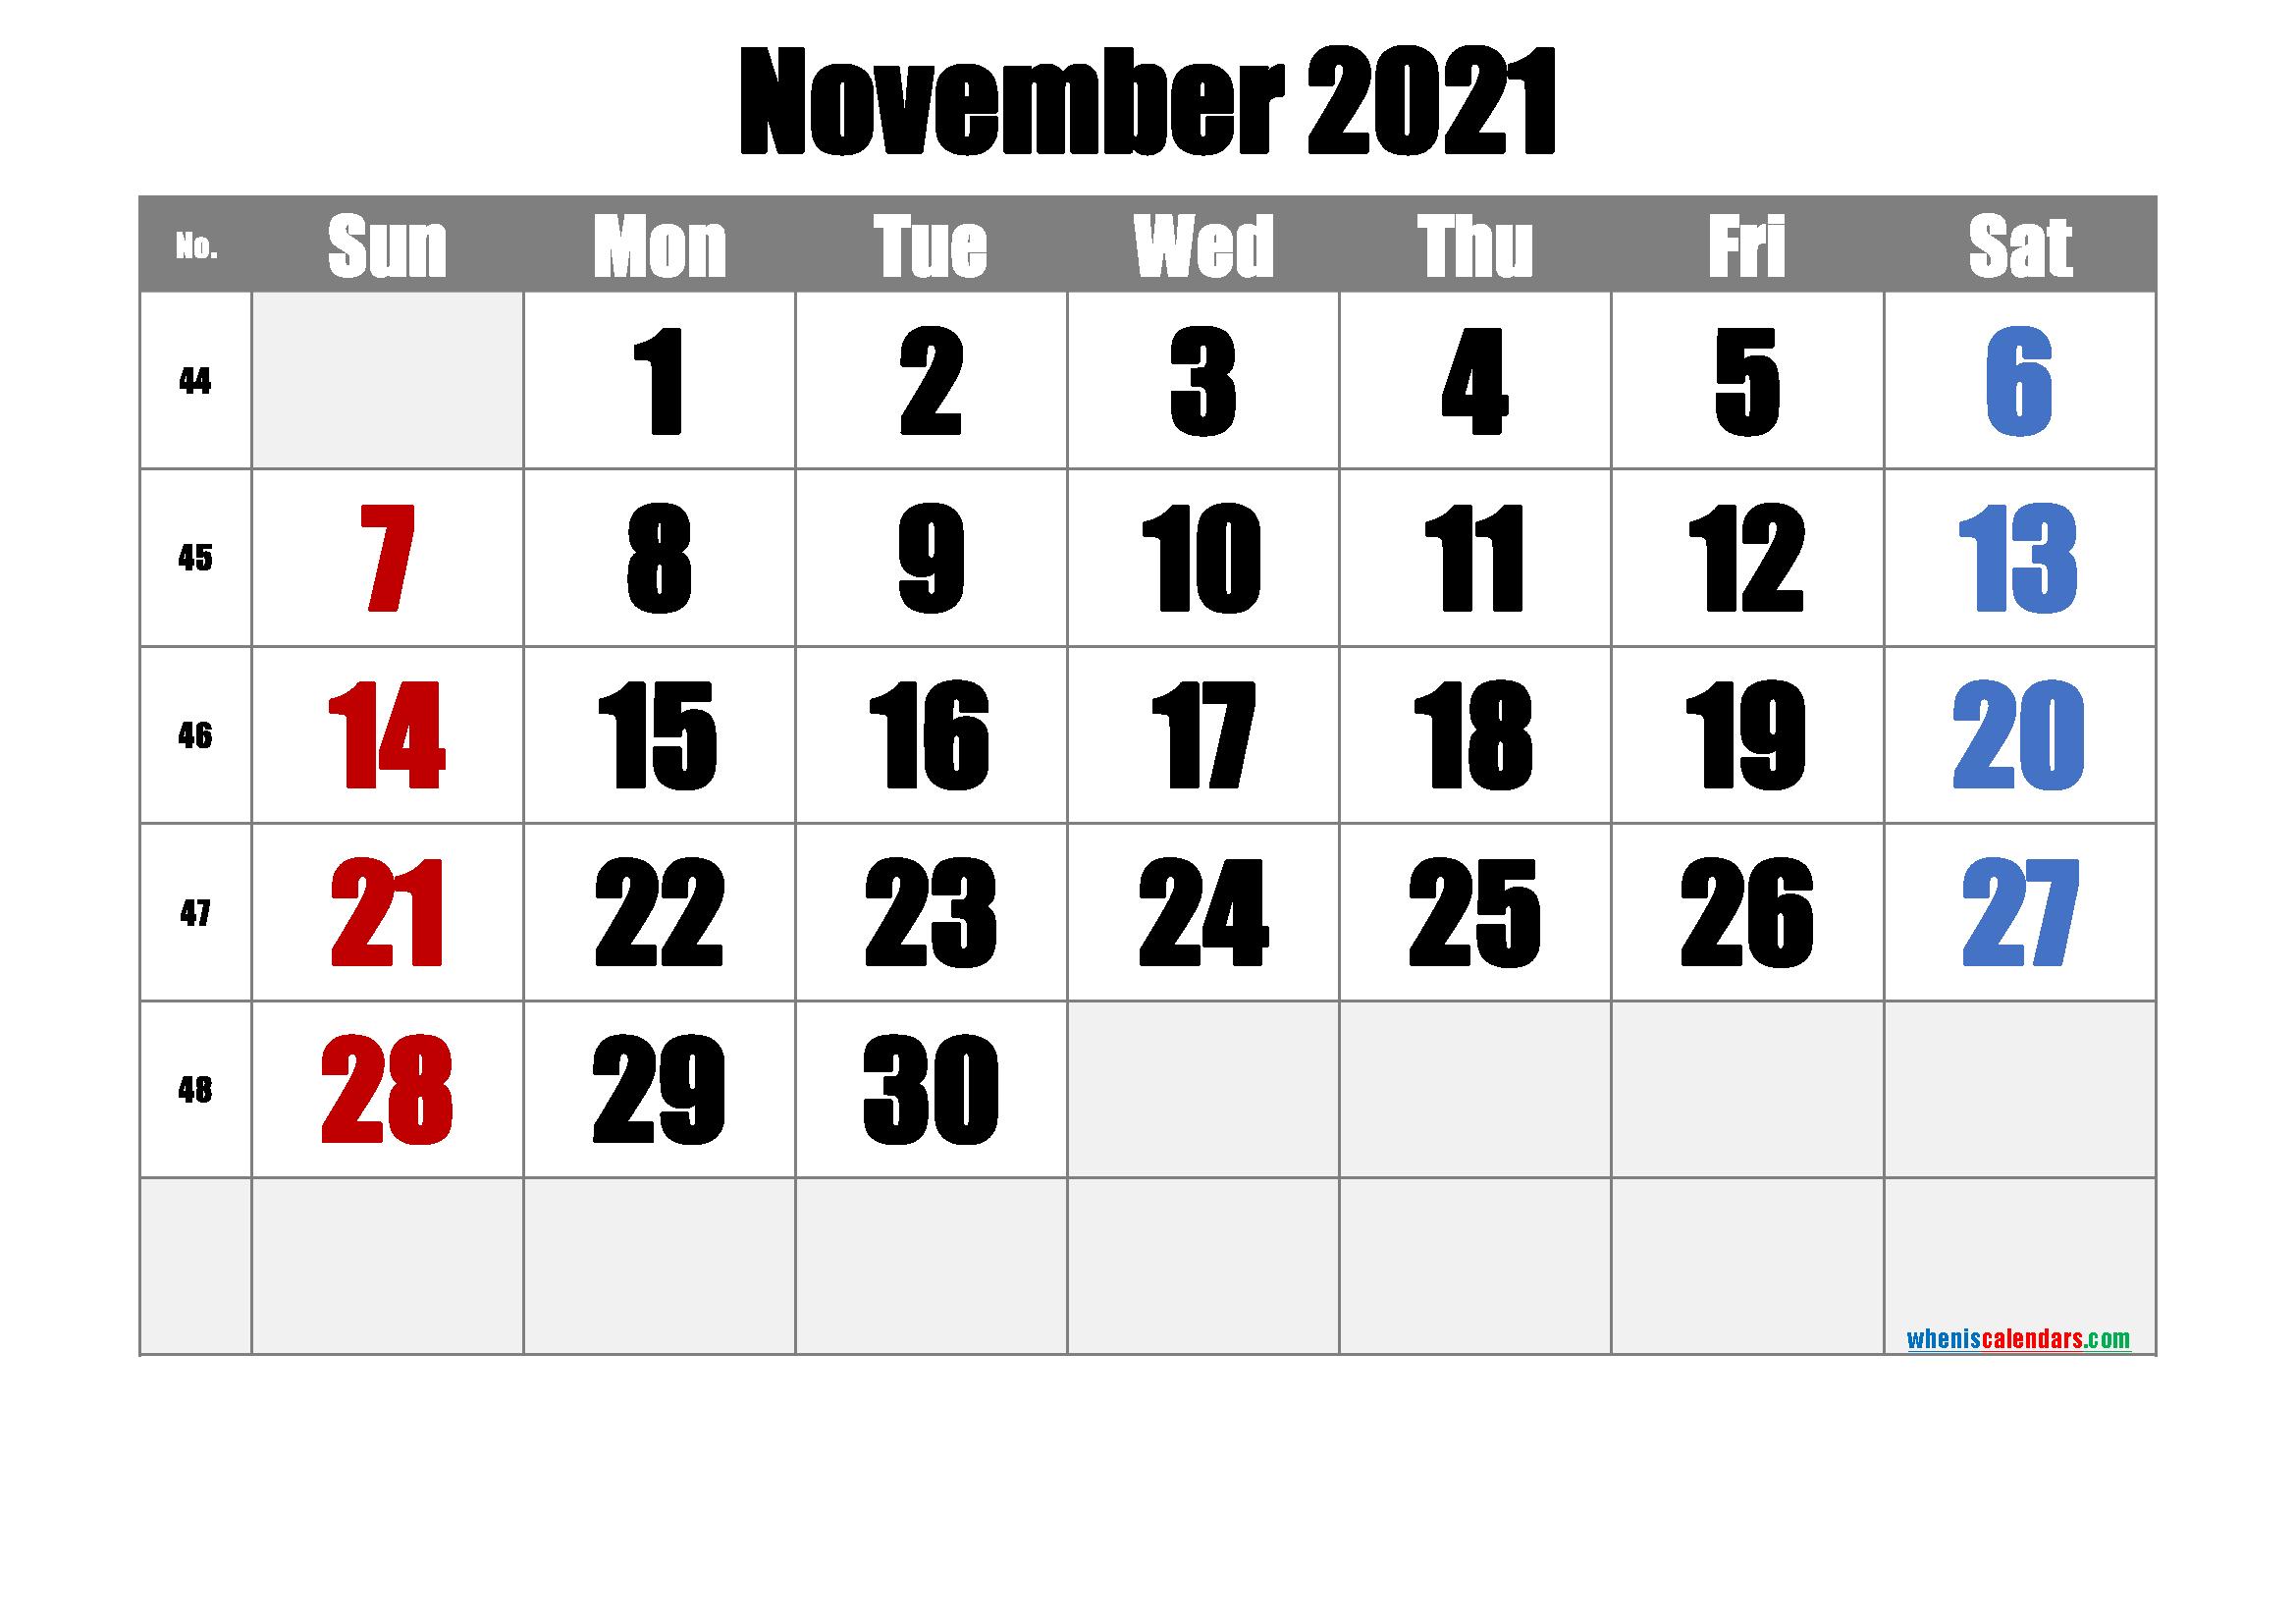 Lottotrekking 4 November 2021